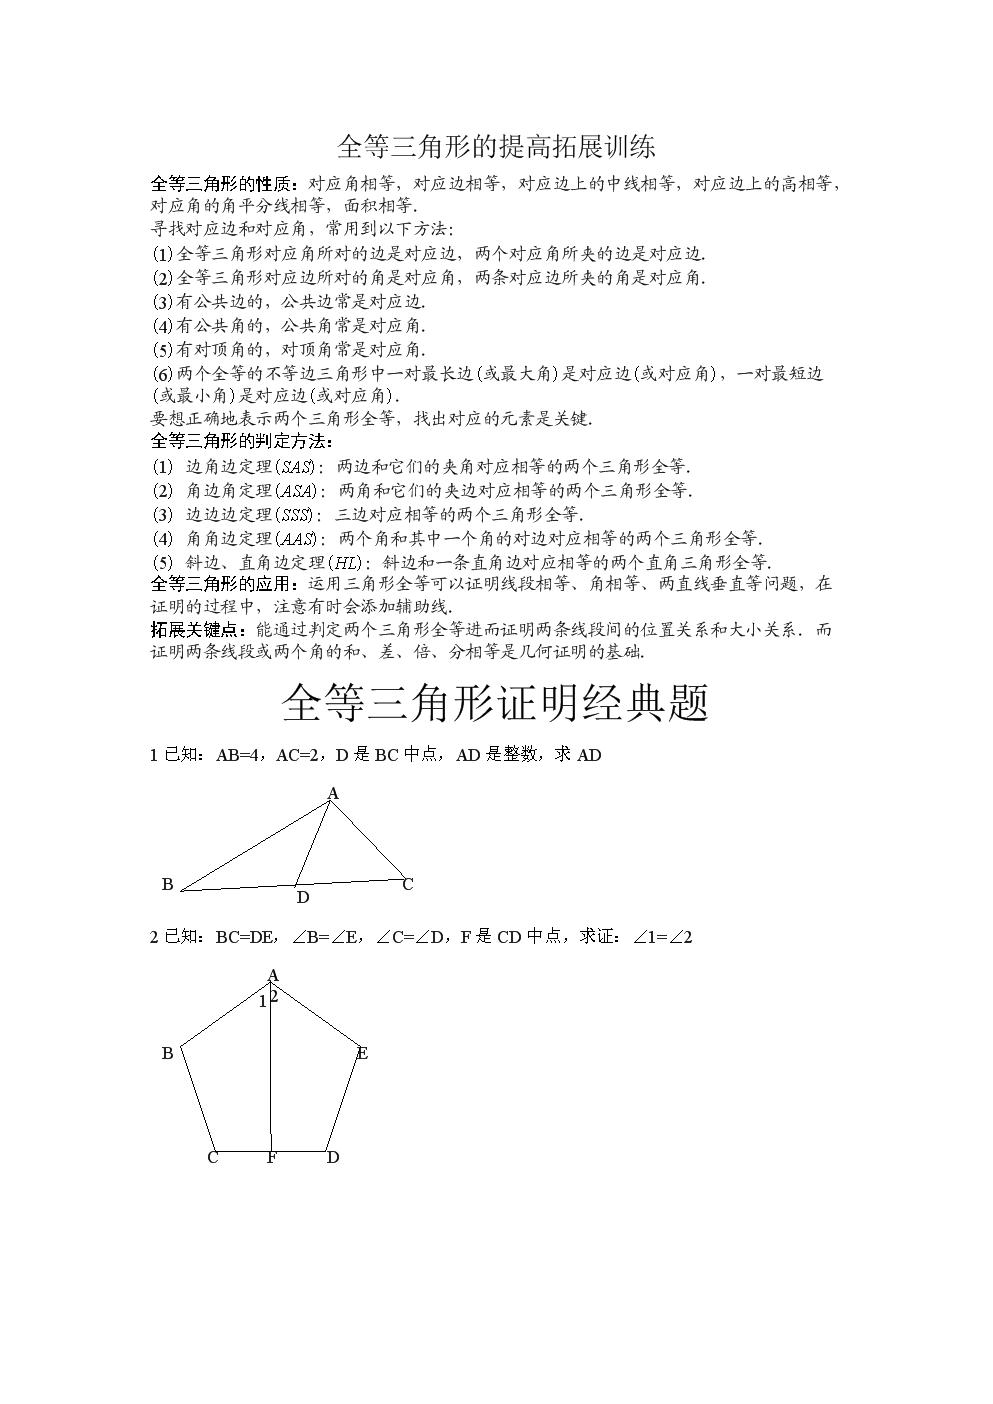 全等三角形经典培优题型(含问题详解解析汇报).doc